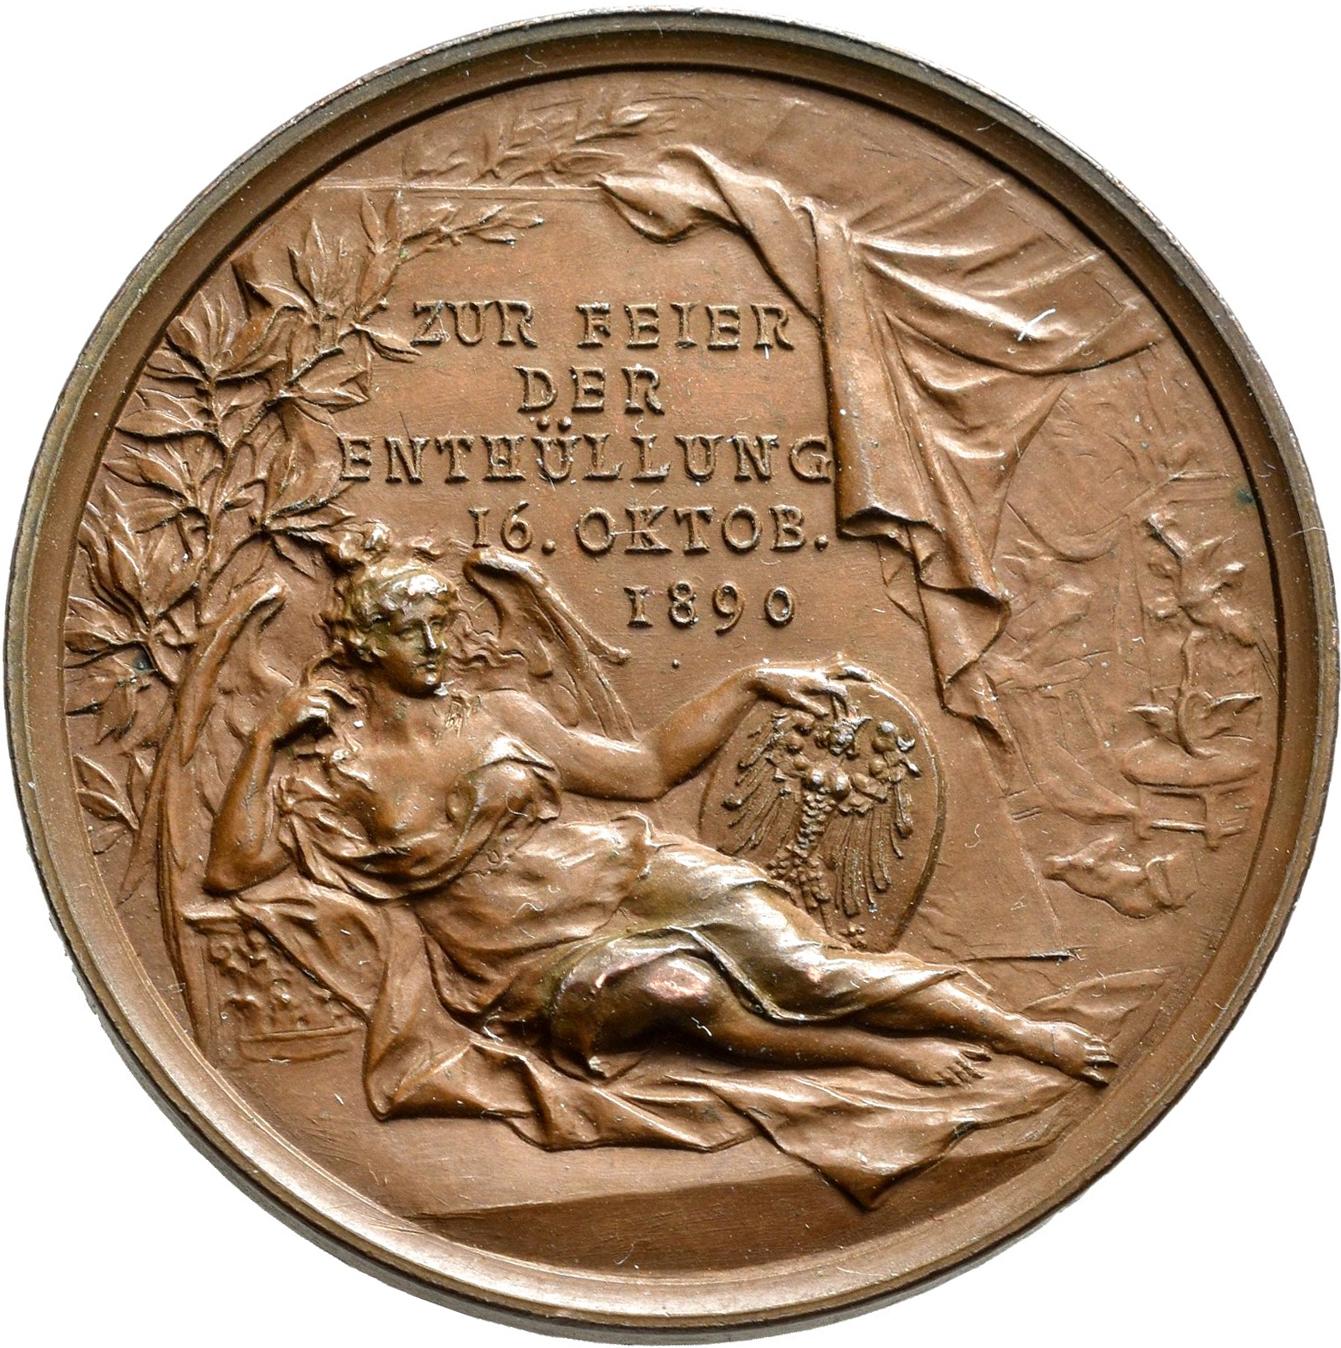 Lot 02417 - Medaillen Deutschland - Geographisch | Münzen  -  Auktionshaus Christoph Gärtner GmbH & Co. KG Sale #48 The Coins & The Picture Post Cards